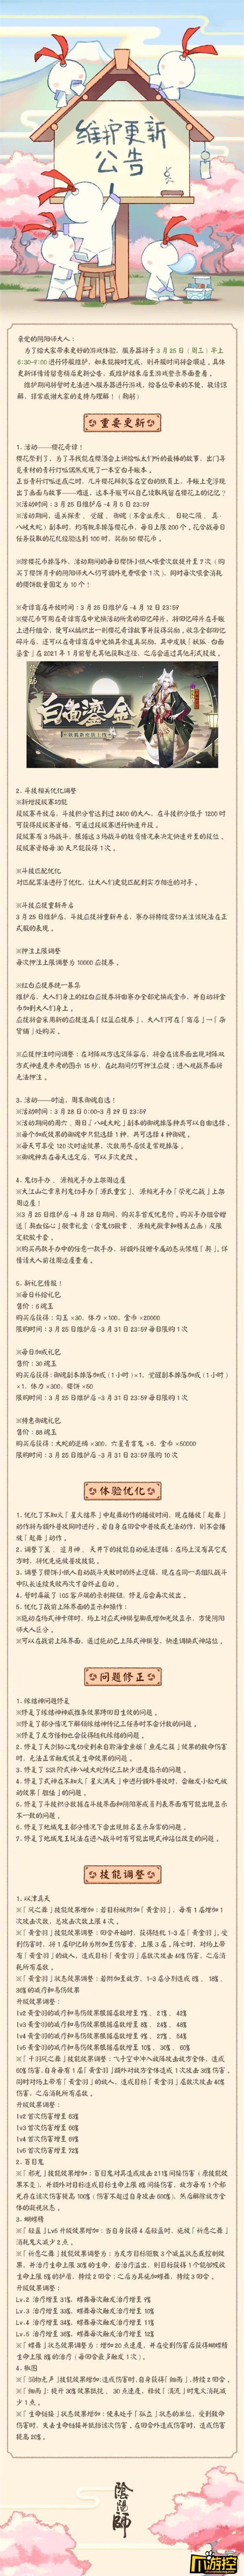 阴阳师3月25日正式服更新内容介绍